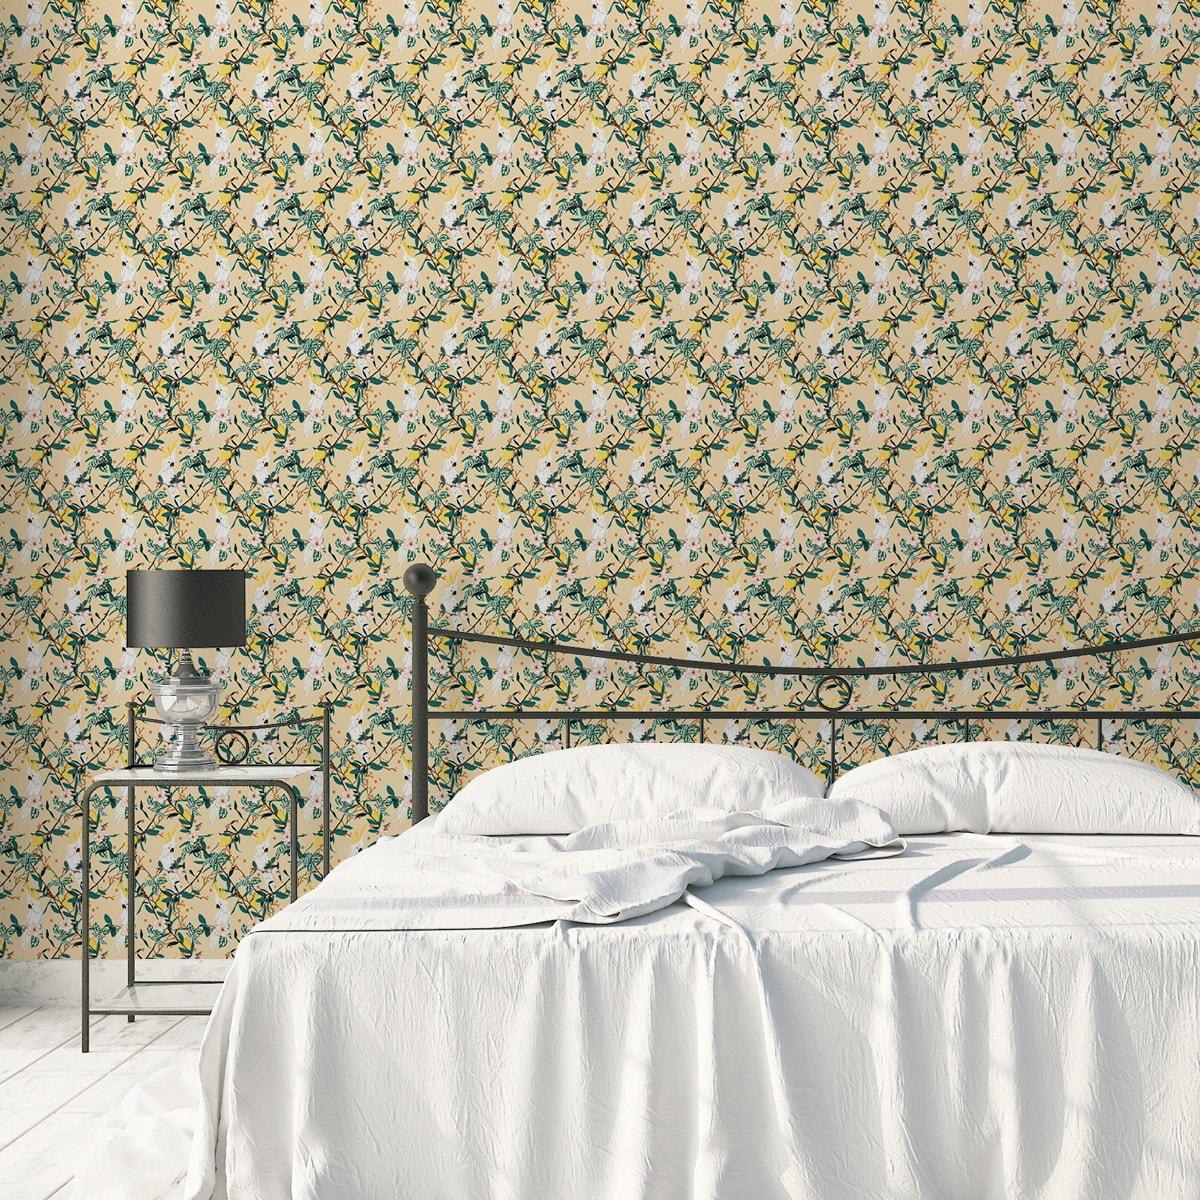 gelb: Multicolor Streifentapete passend zu Ikea Trendfarben - Exklusive Tapeten für schönes Wohnen aus der Serie Streifentapeten für schönes Wohnen der Gräflich Münster'schen Manufaktur